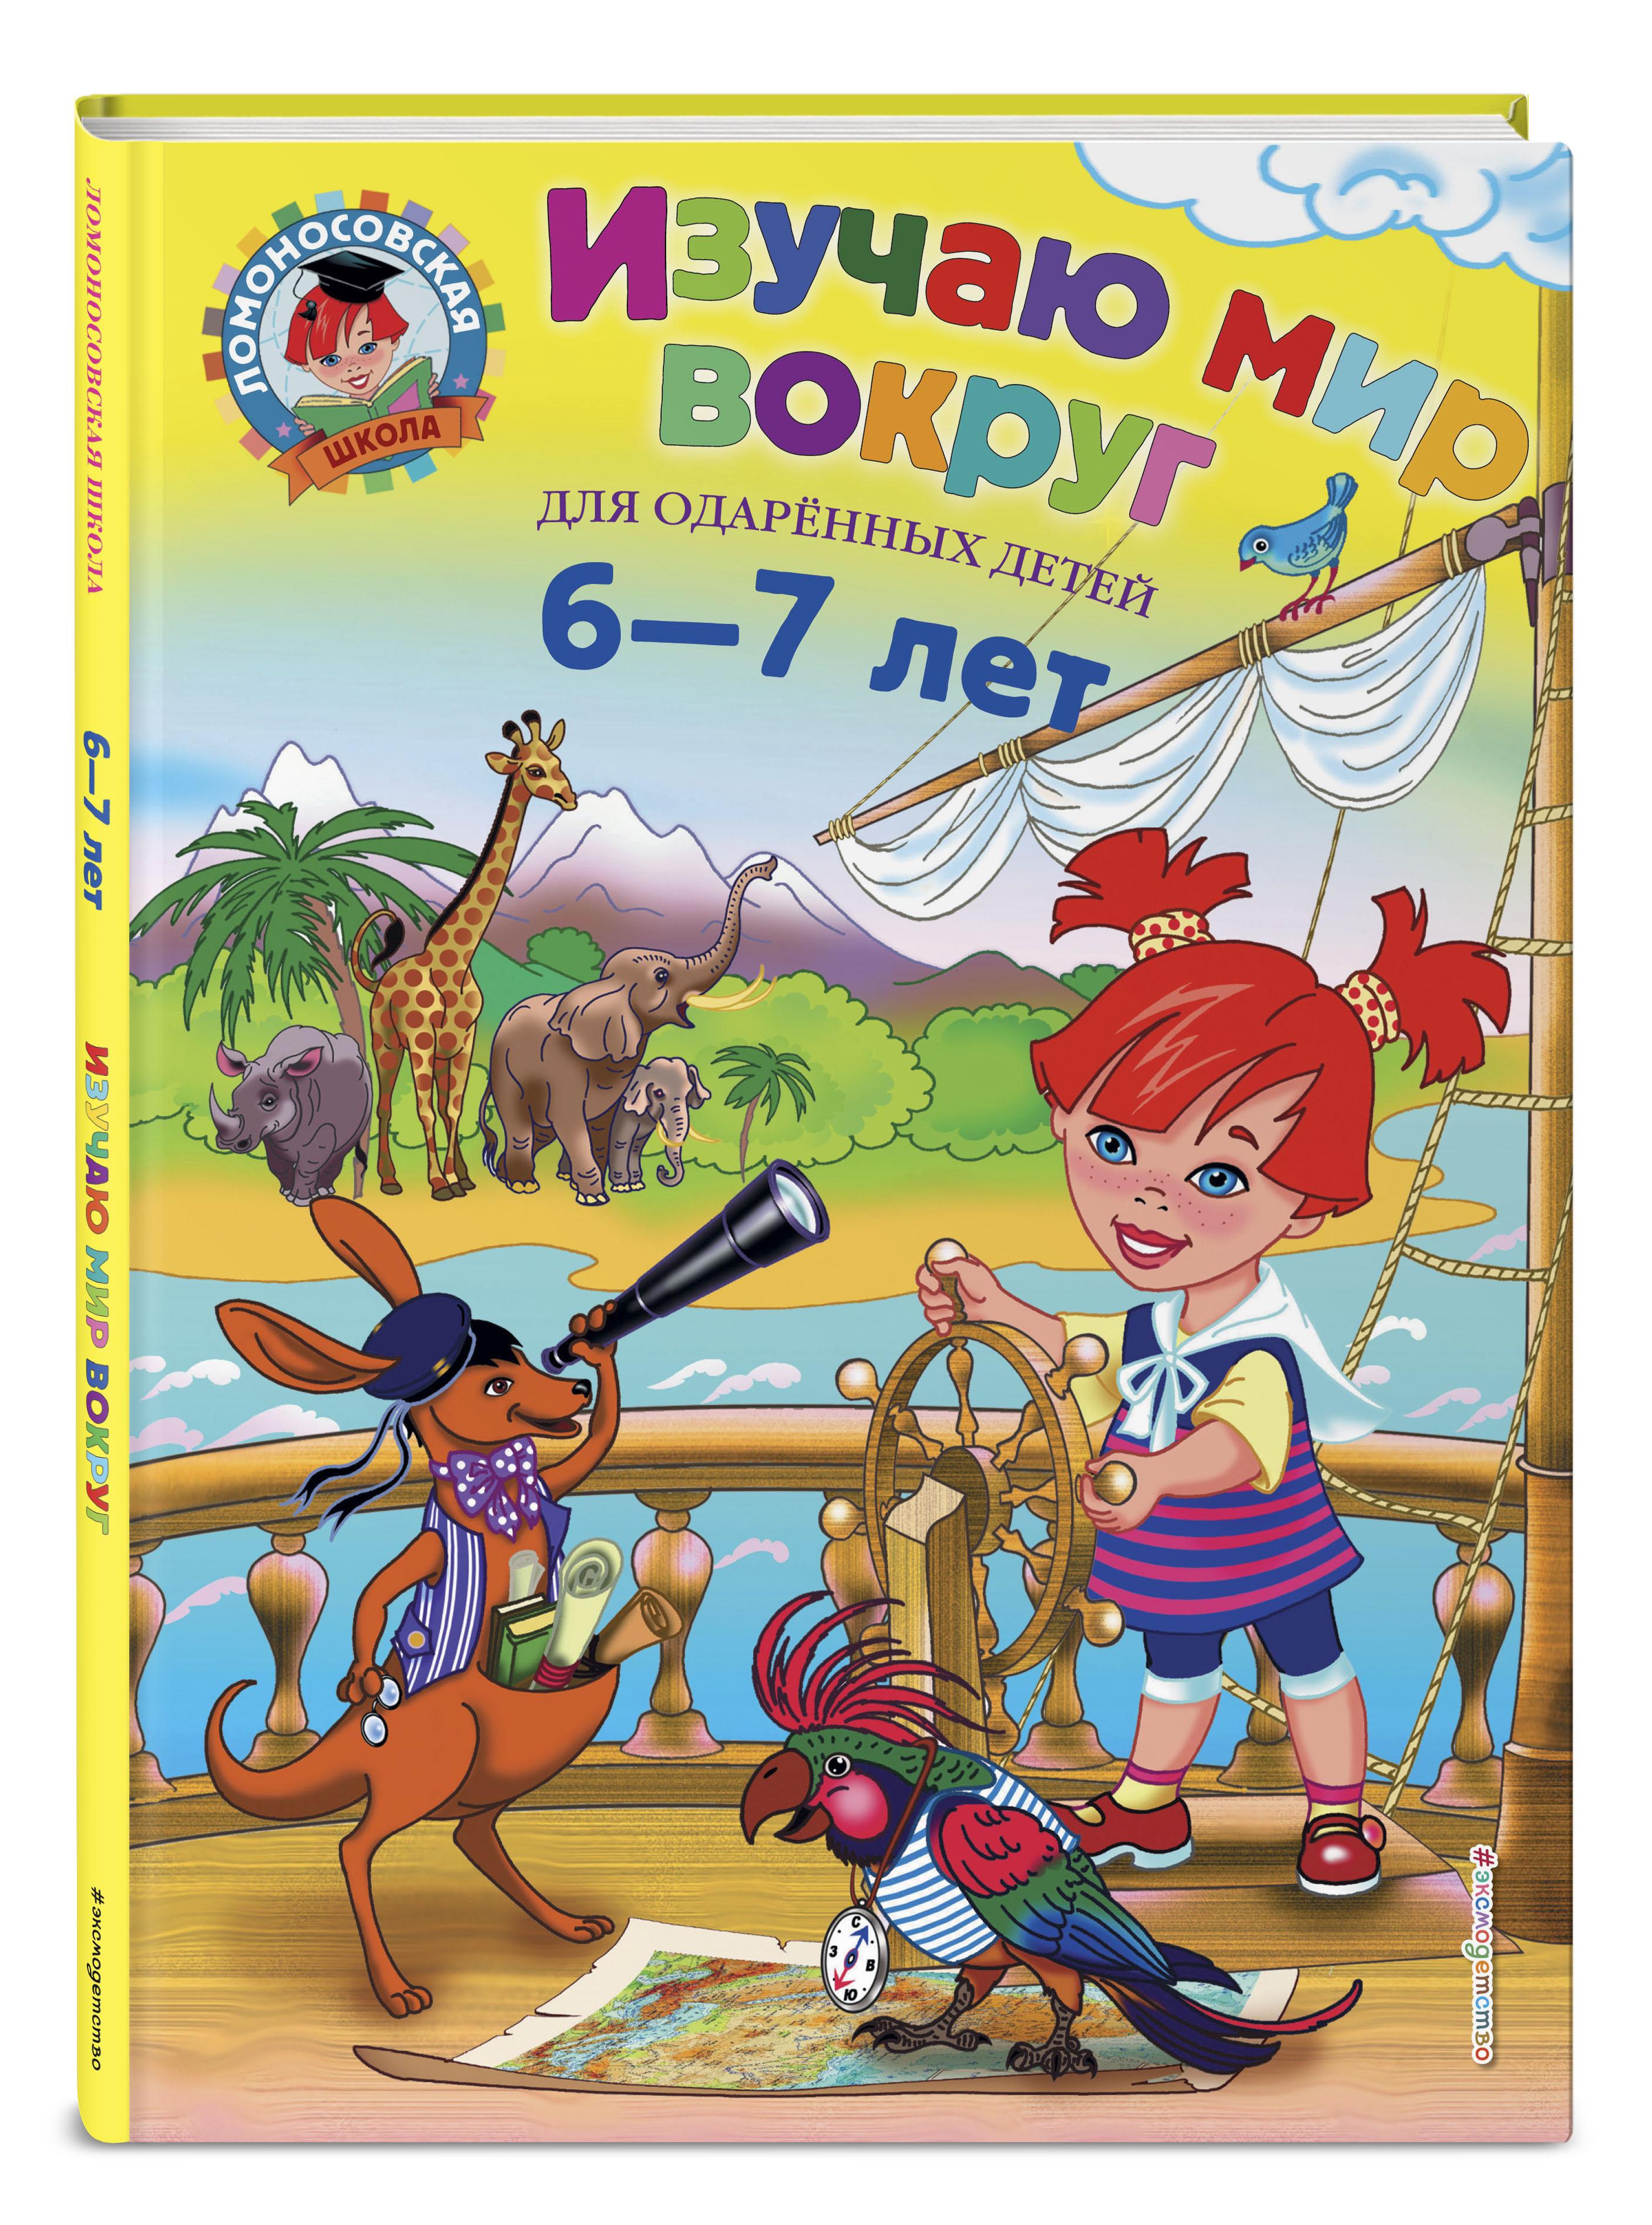 Липская Н.М. Изучаю мир вокруг: для детей 6-7 лет липская н изучаю мир вокруг для детей 6 7 лет т 1 2тт